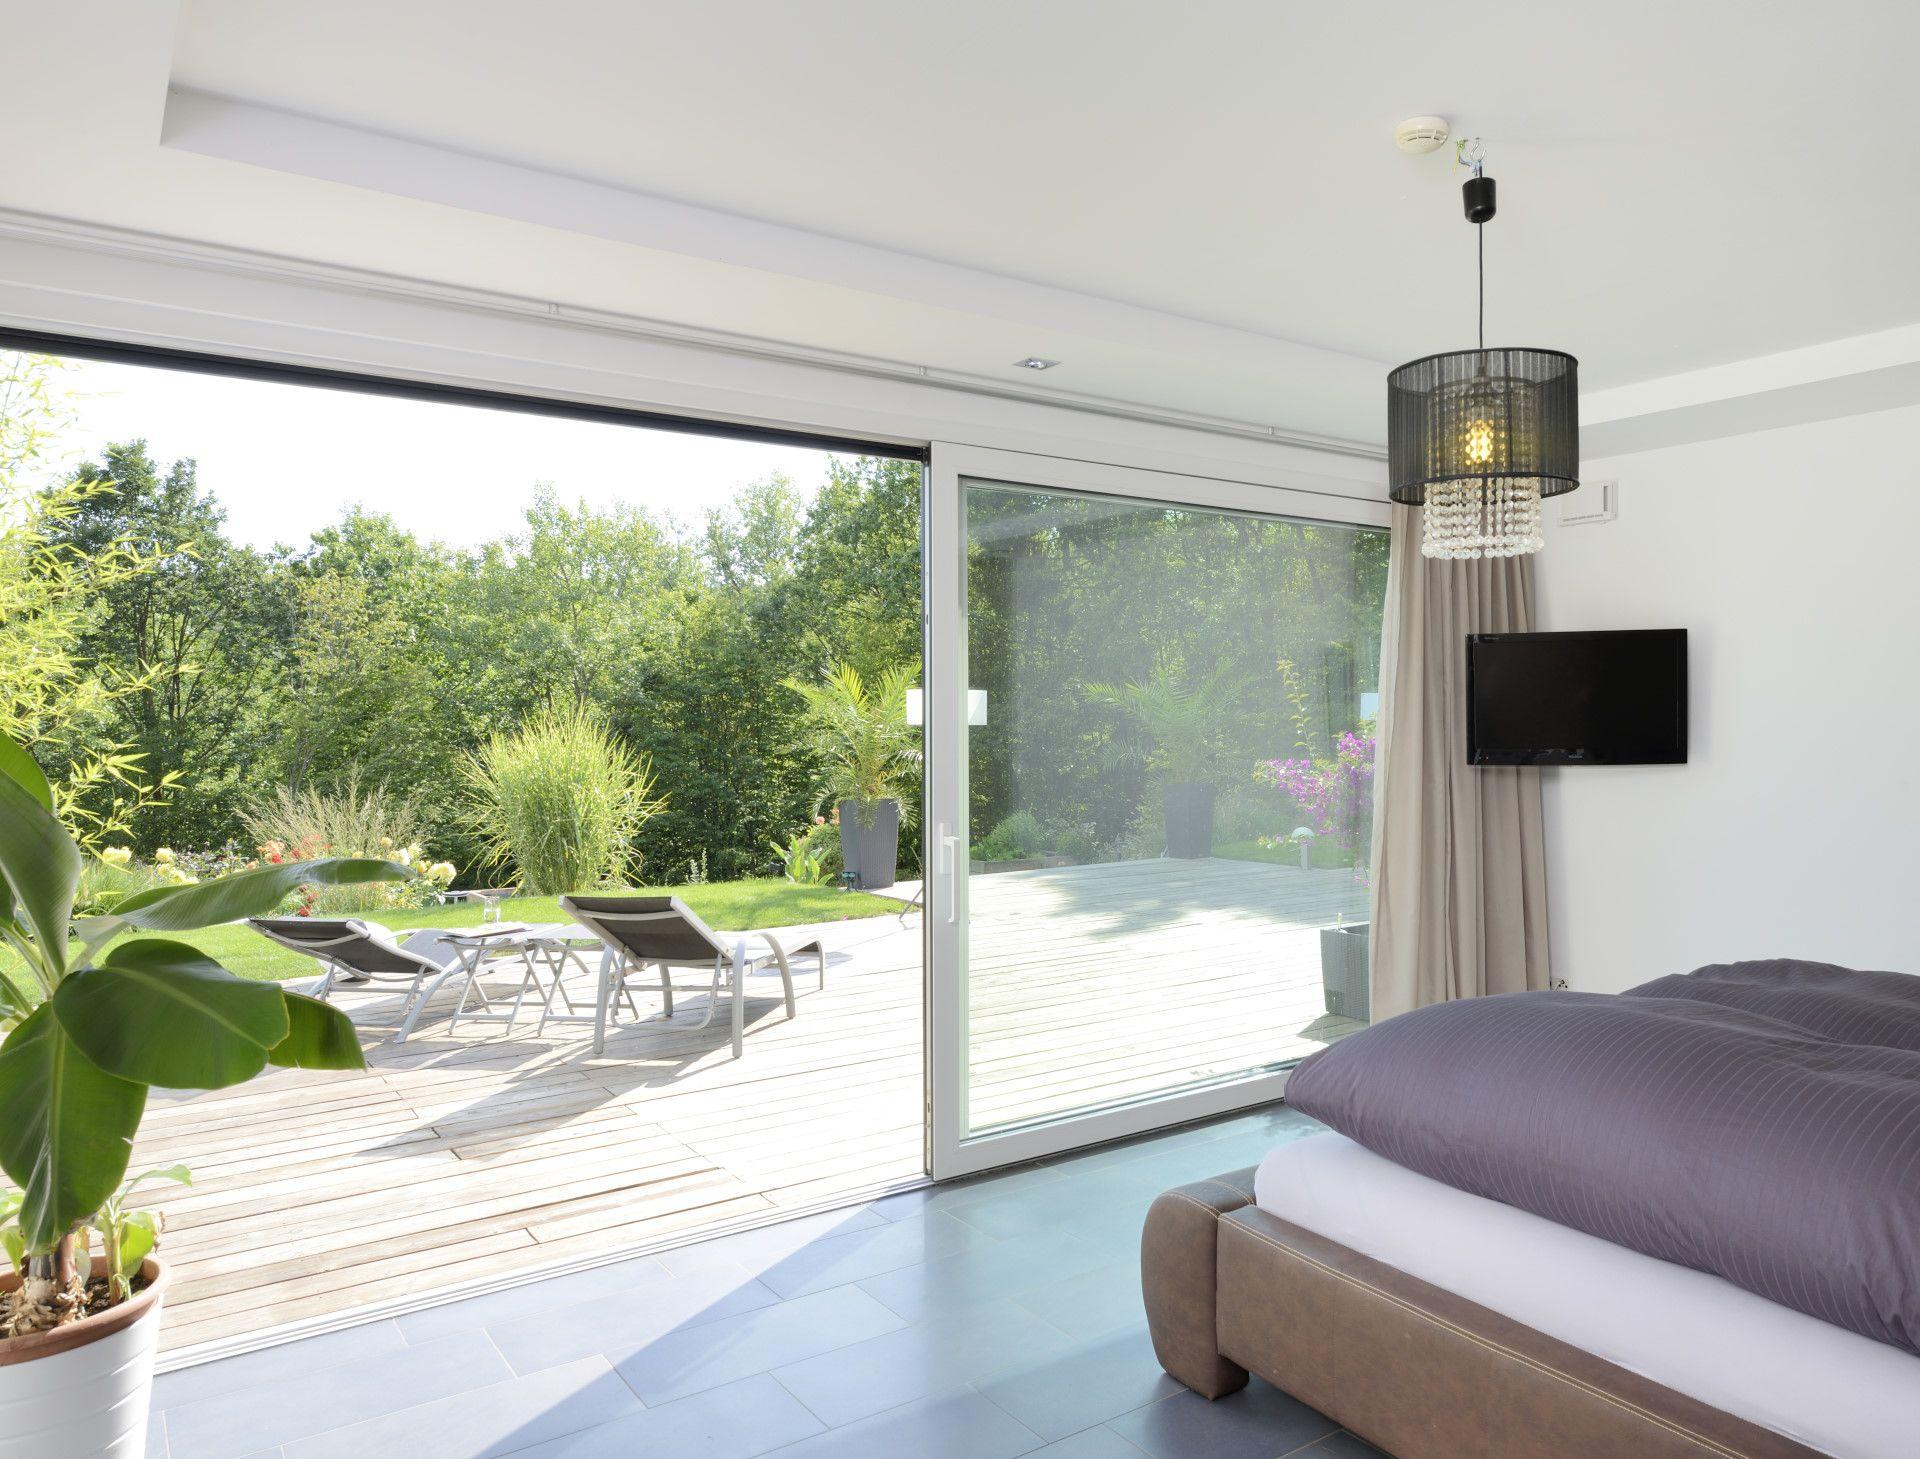 Schlafzimmer mit Ausblick Dank der bodentiefen Fenster ...